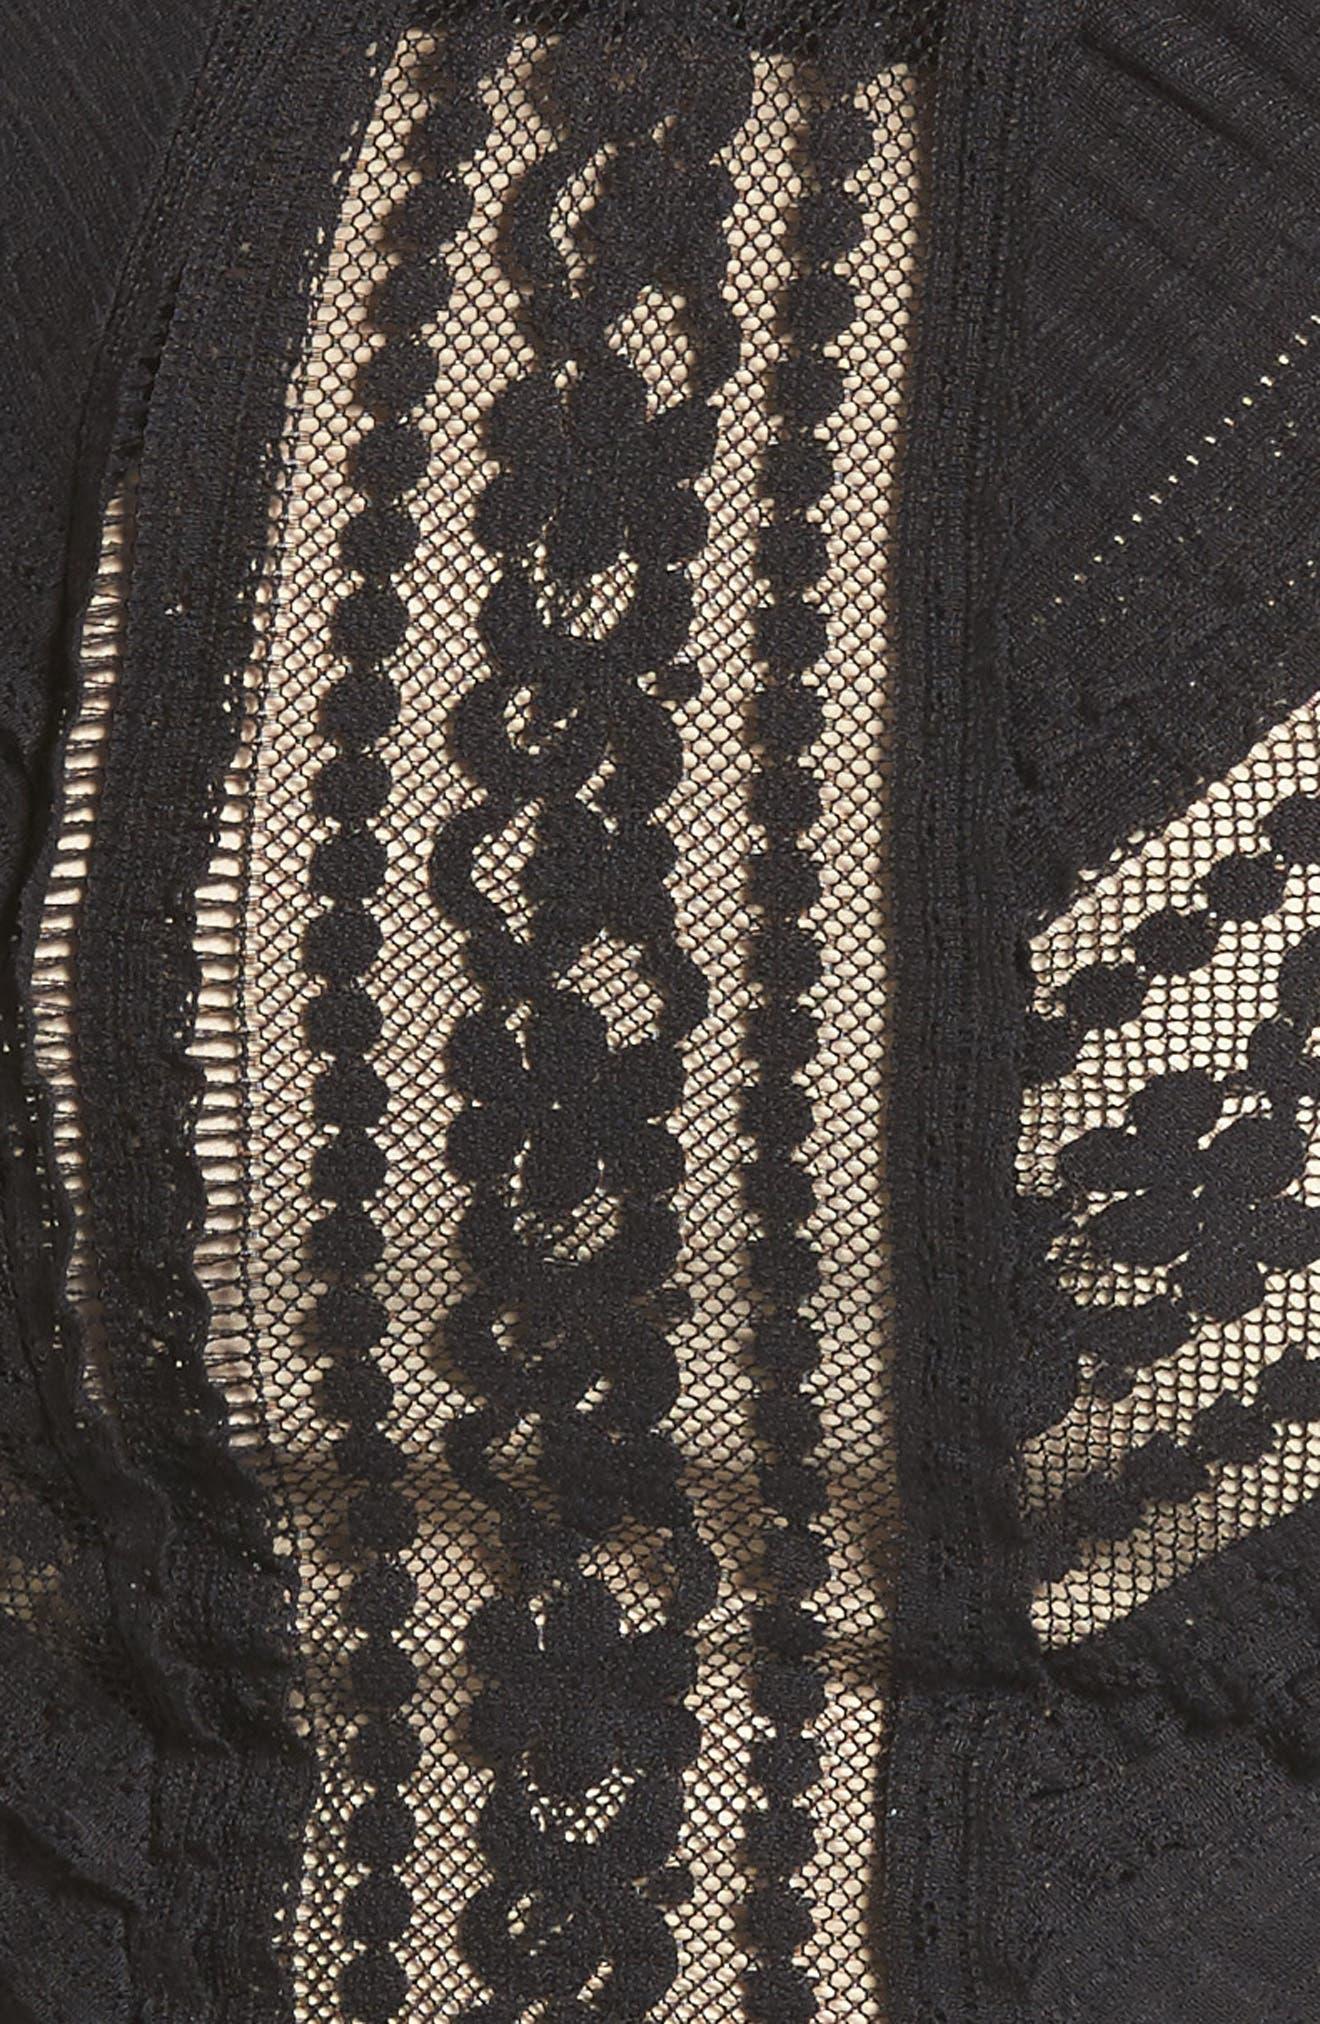 Topanga Lace Sheath Dress,                             Alternate thumbnail 5, color,